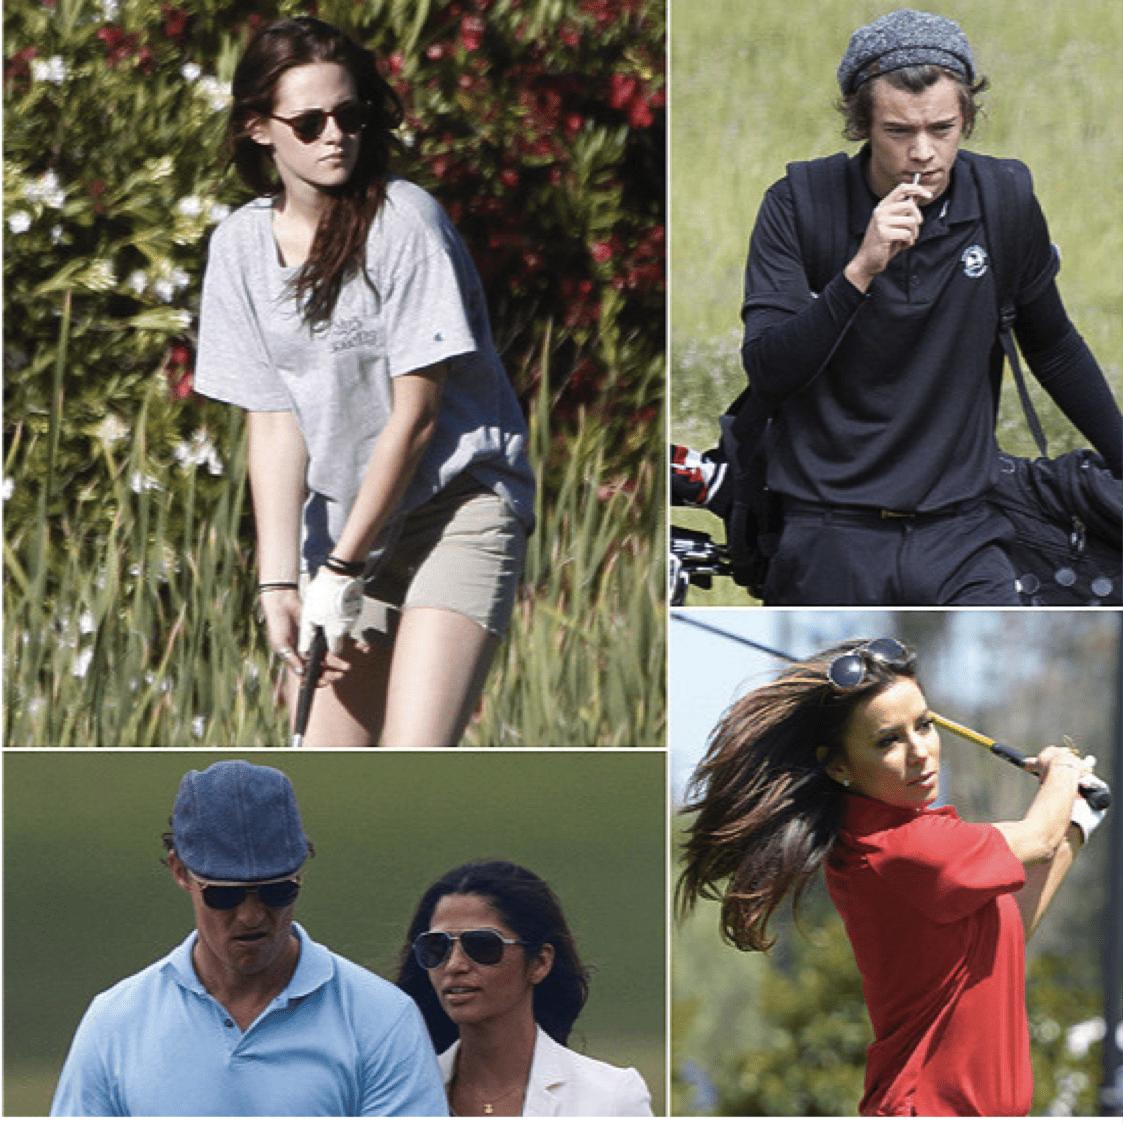 National Golf Day Deals